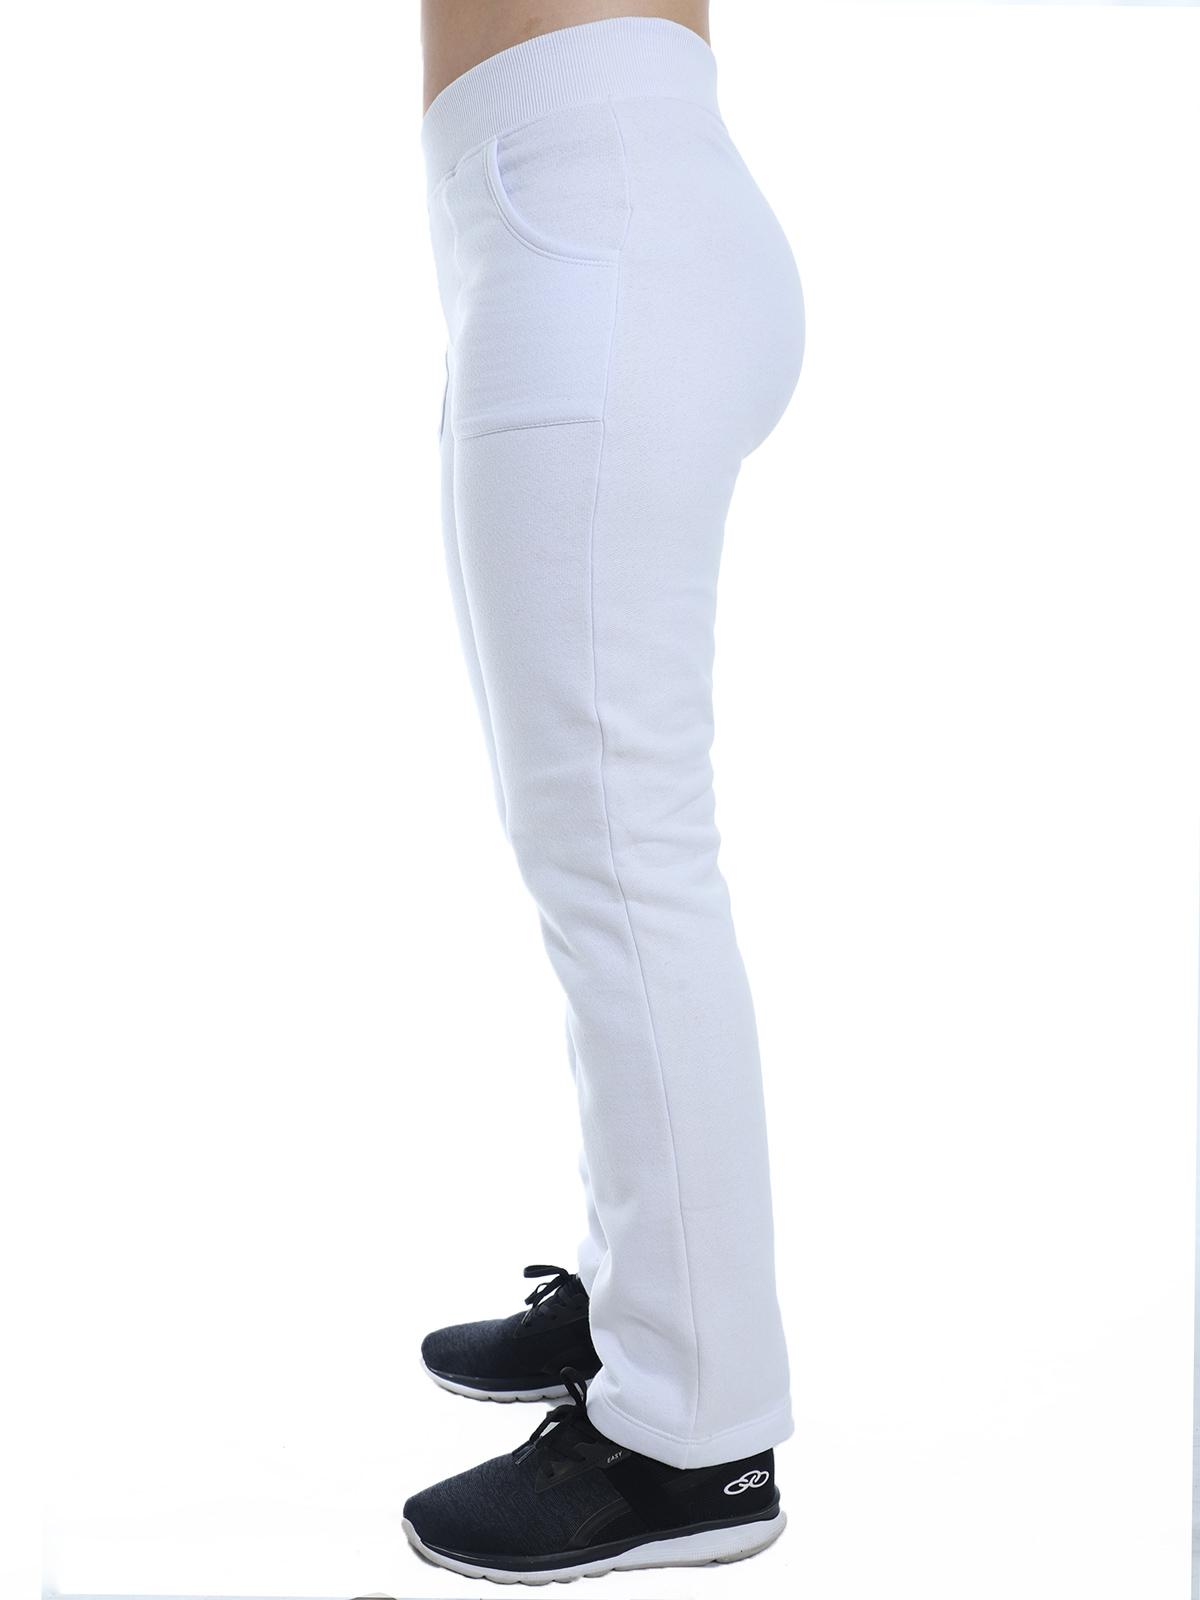 Calça Feminina Anistia de Moletom Cós de Punho Branca